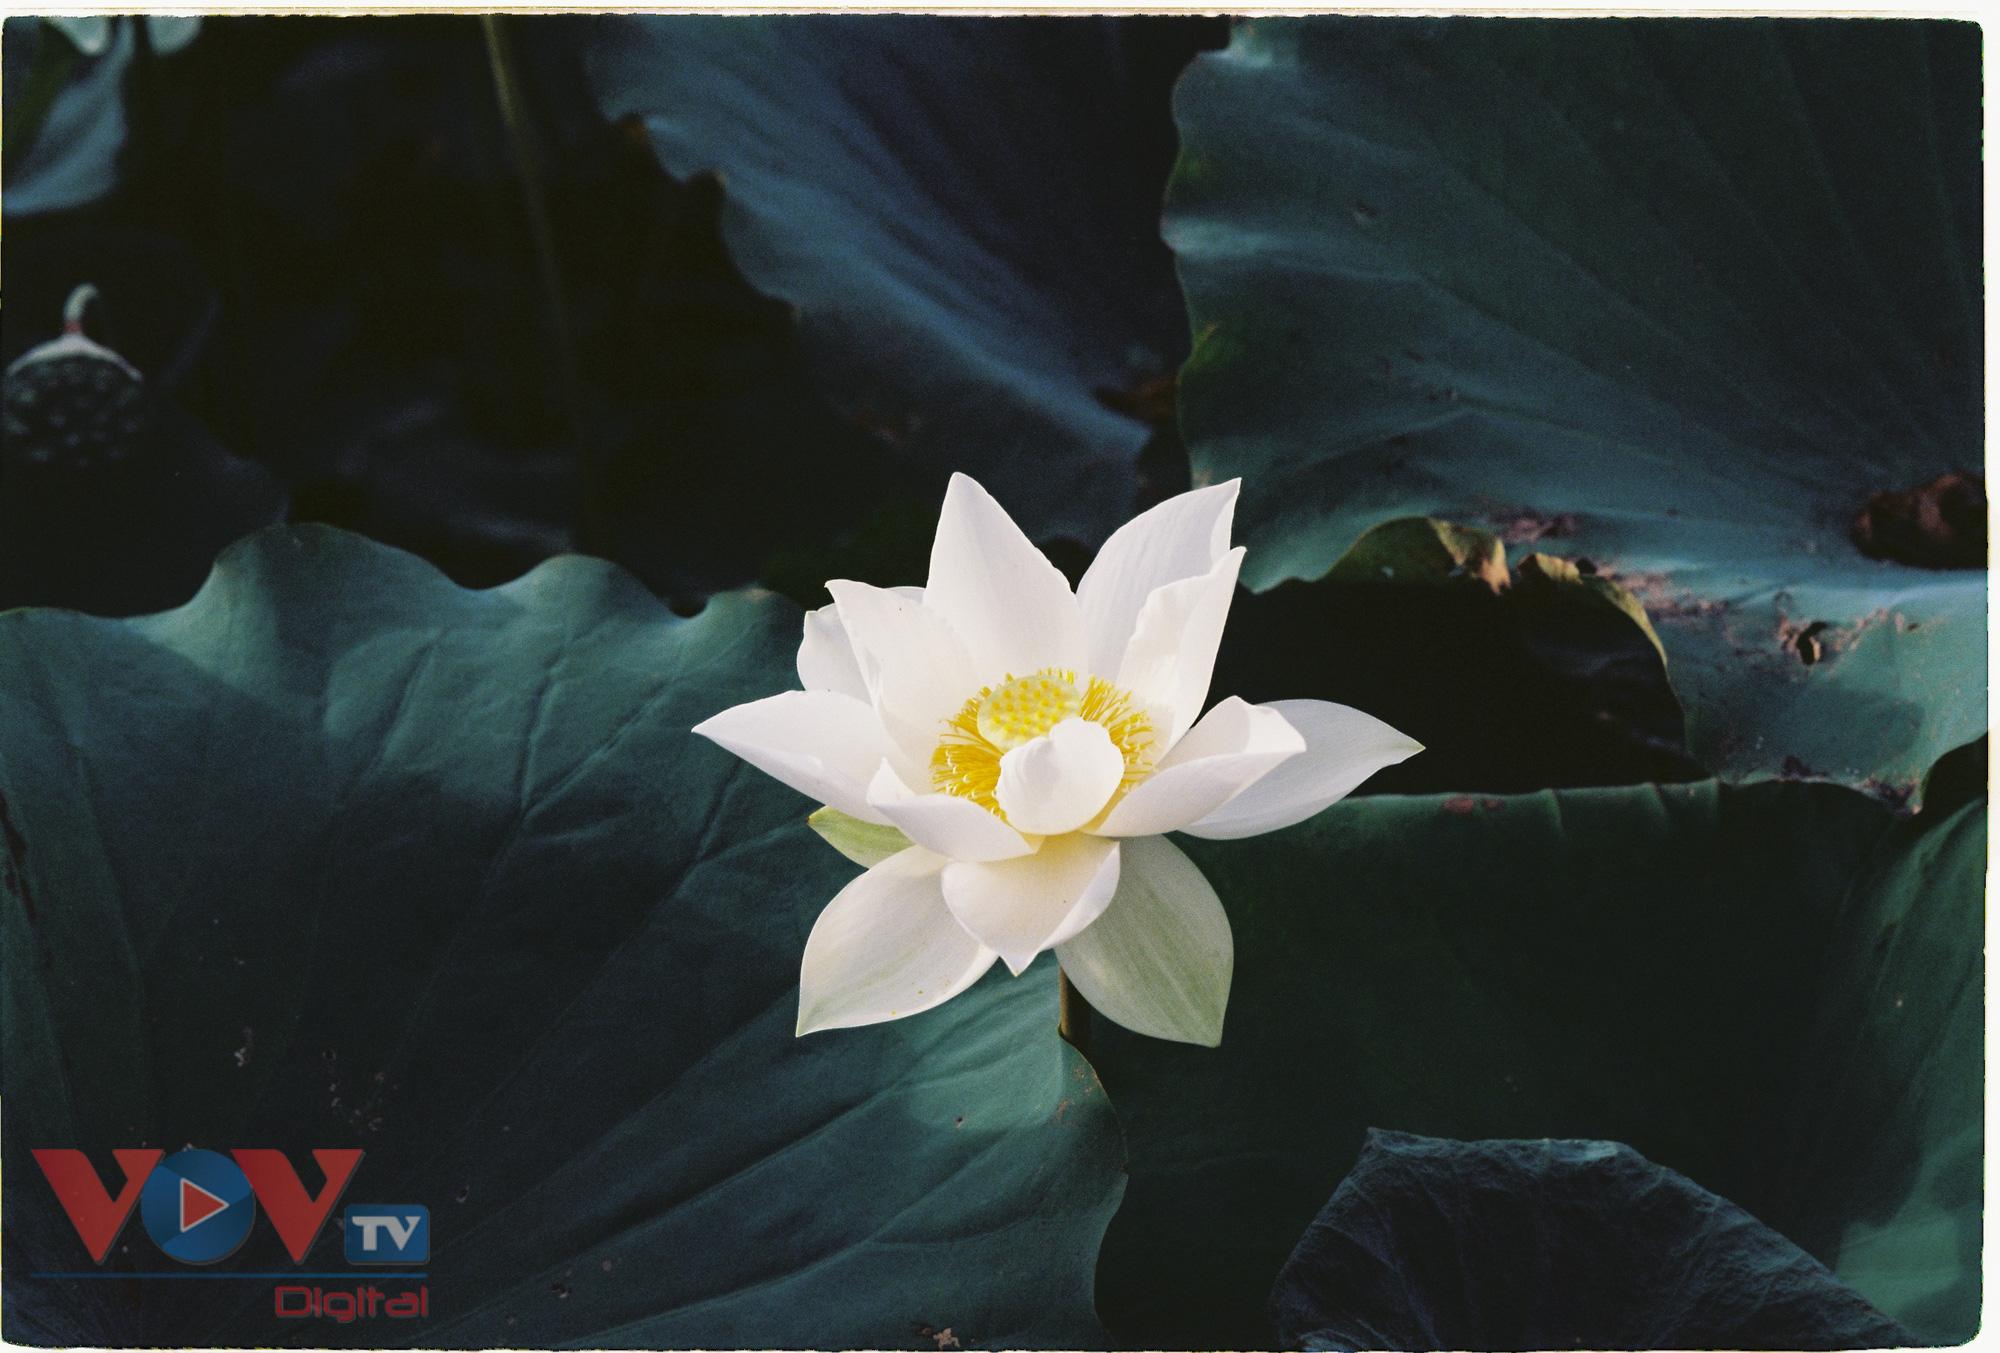 Tinh khôi mùa bạch liên hoa - Ảnh 5.